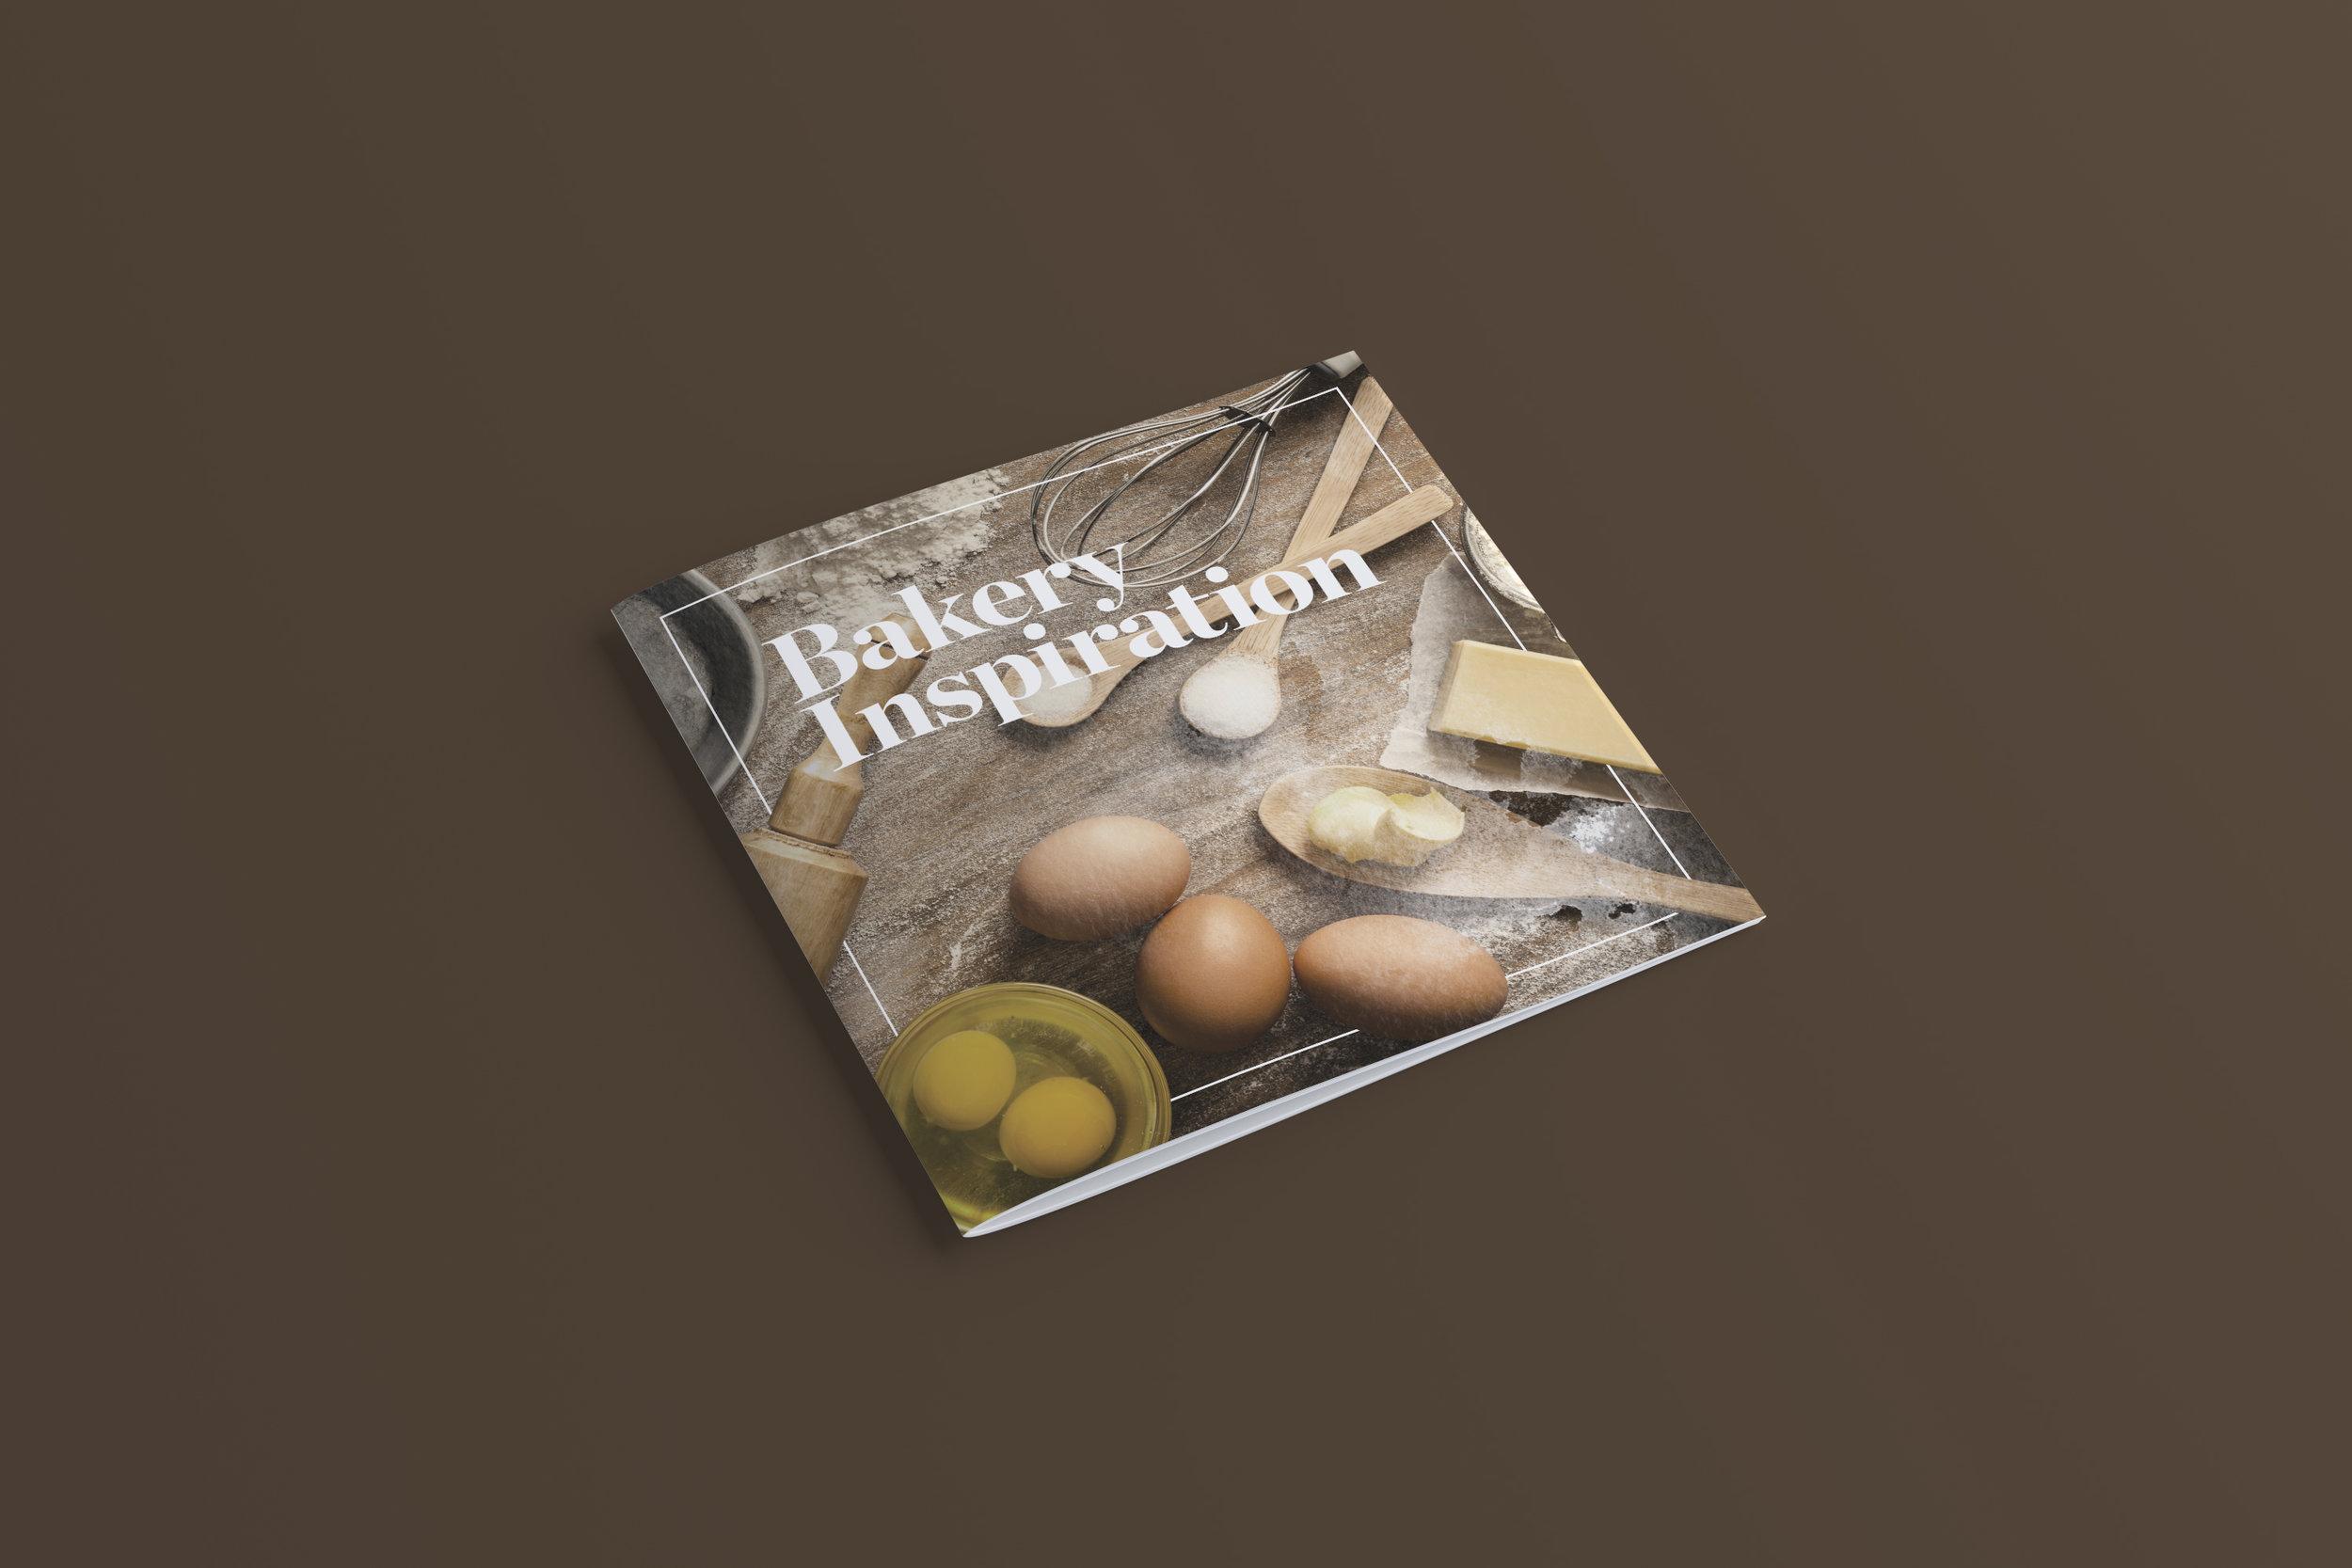 Bakery-Inspiration-Cover.jpg